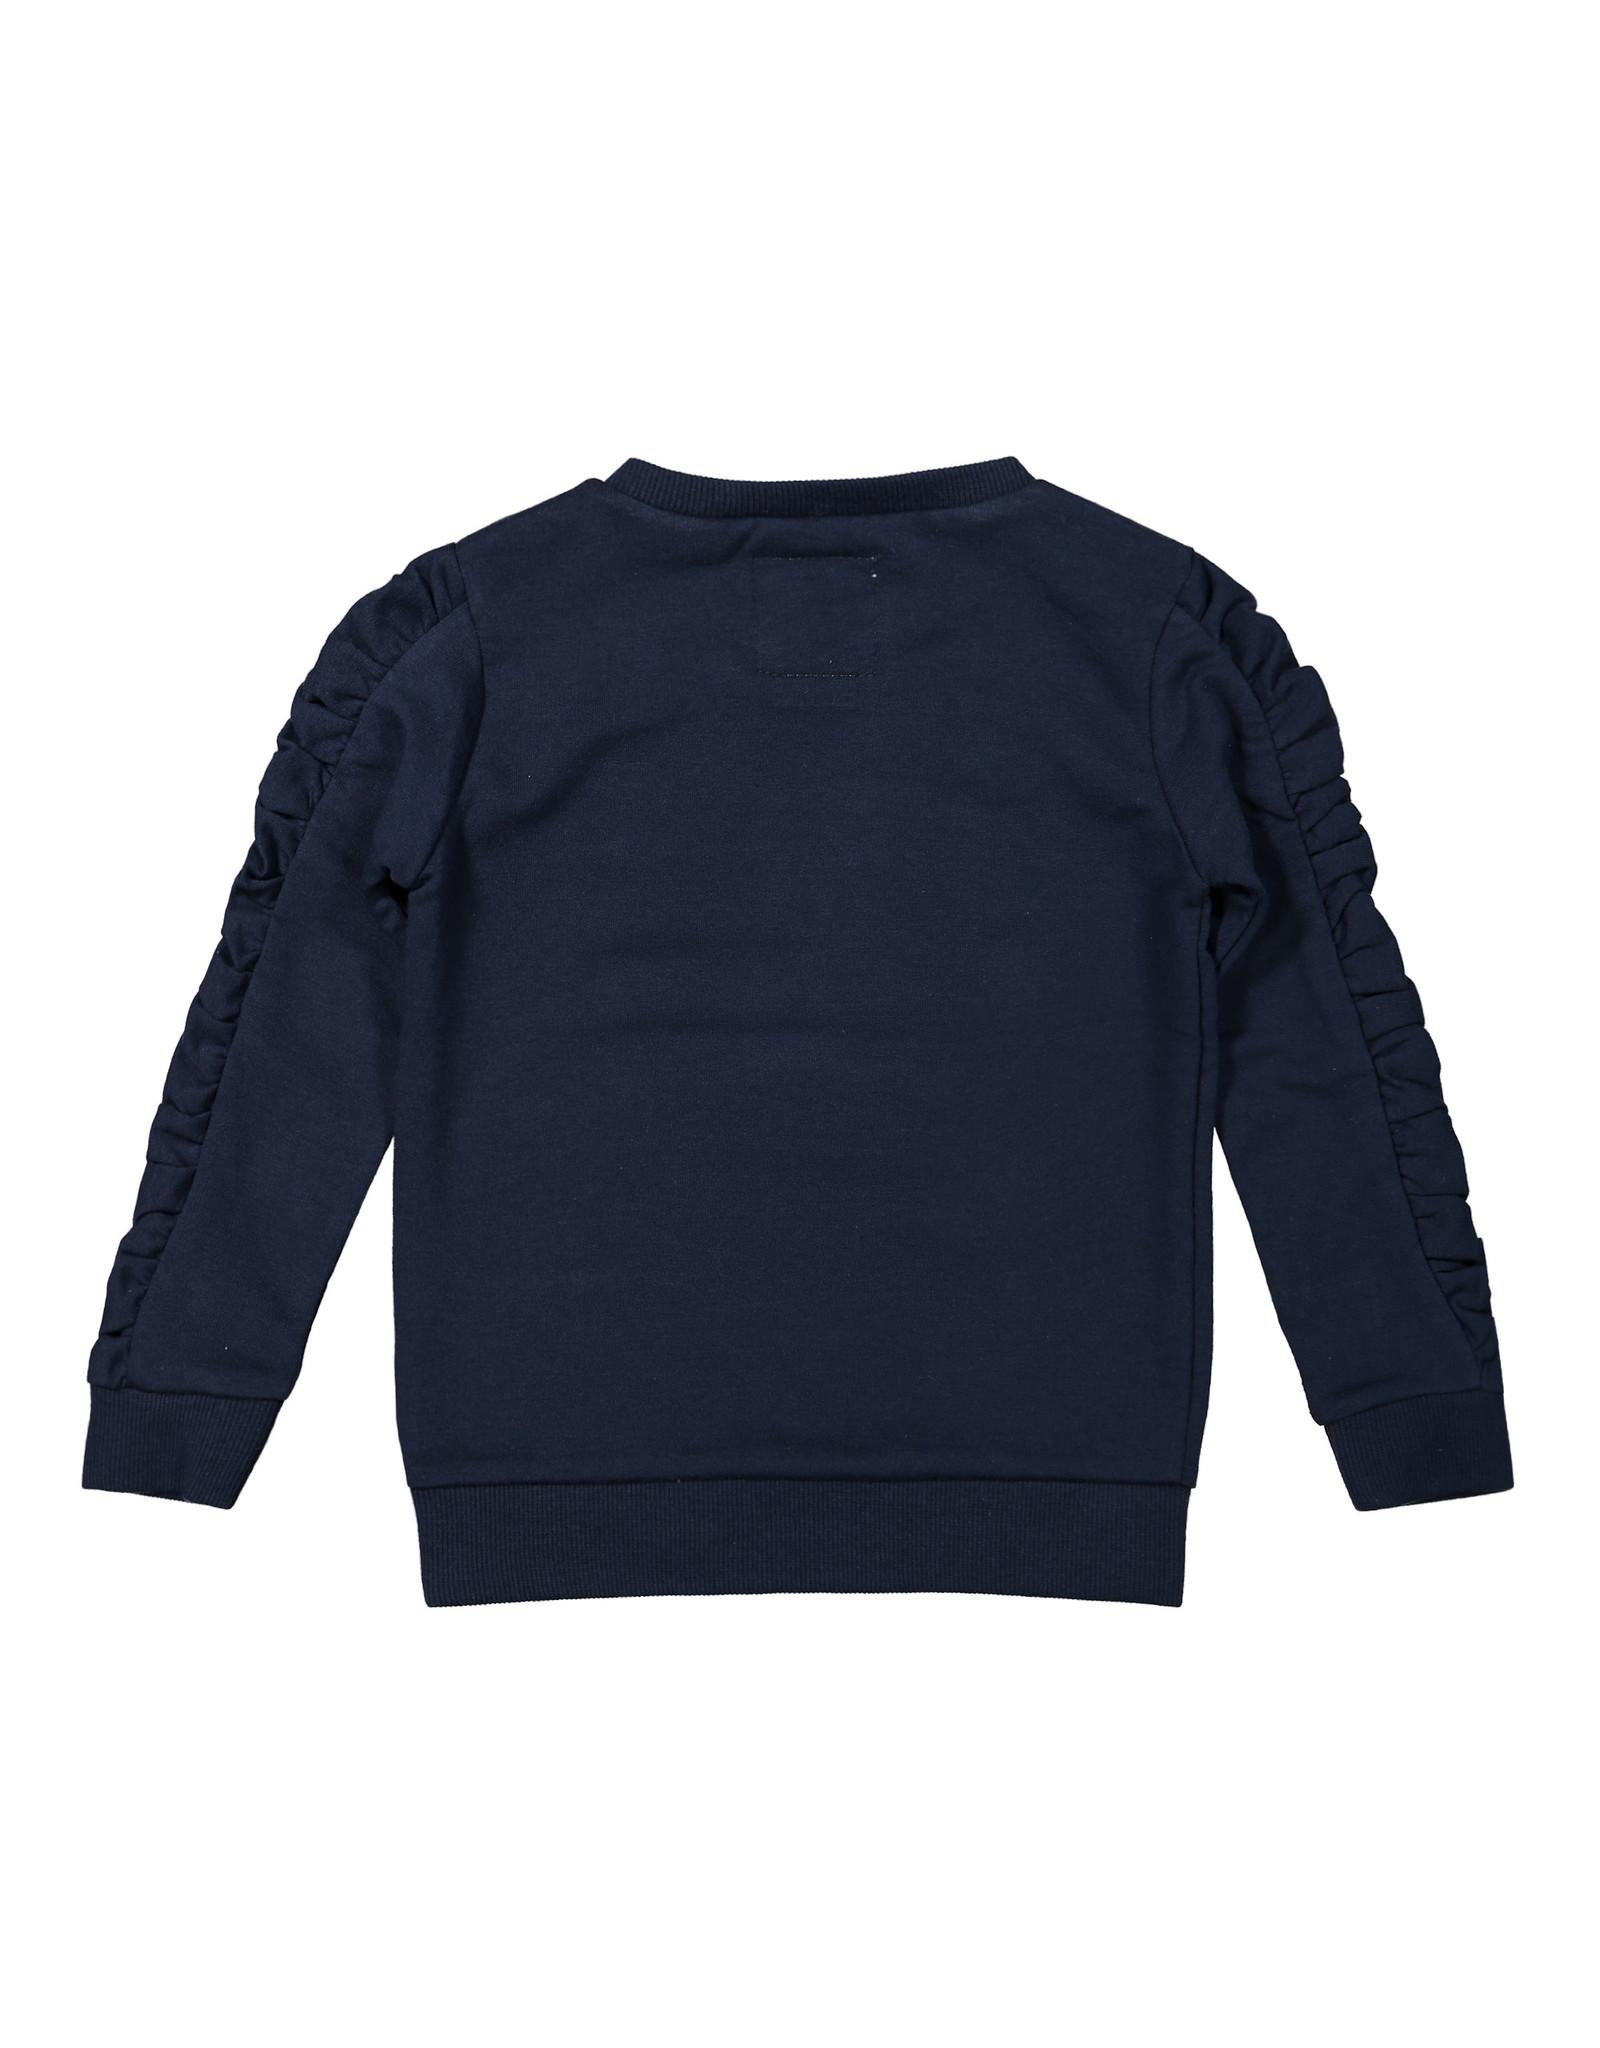 Koko Noko Girls Sweater ls Navy